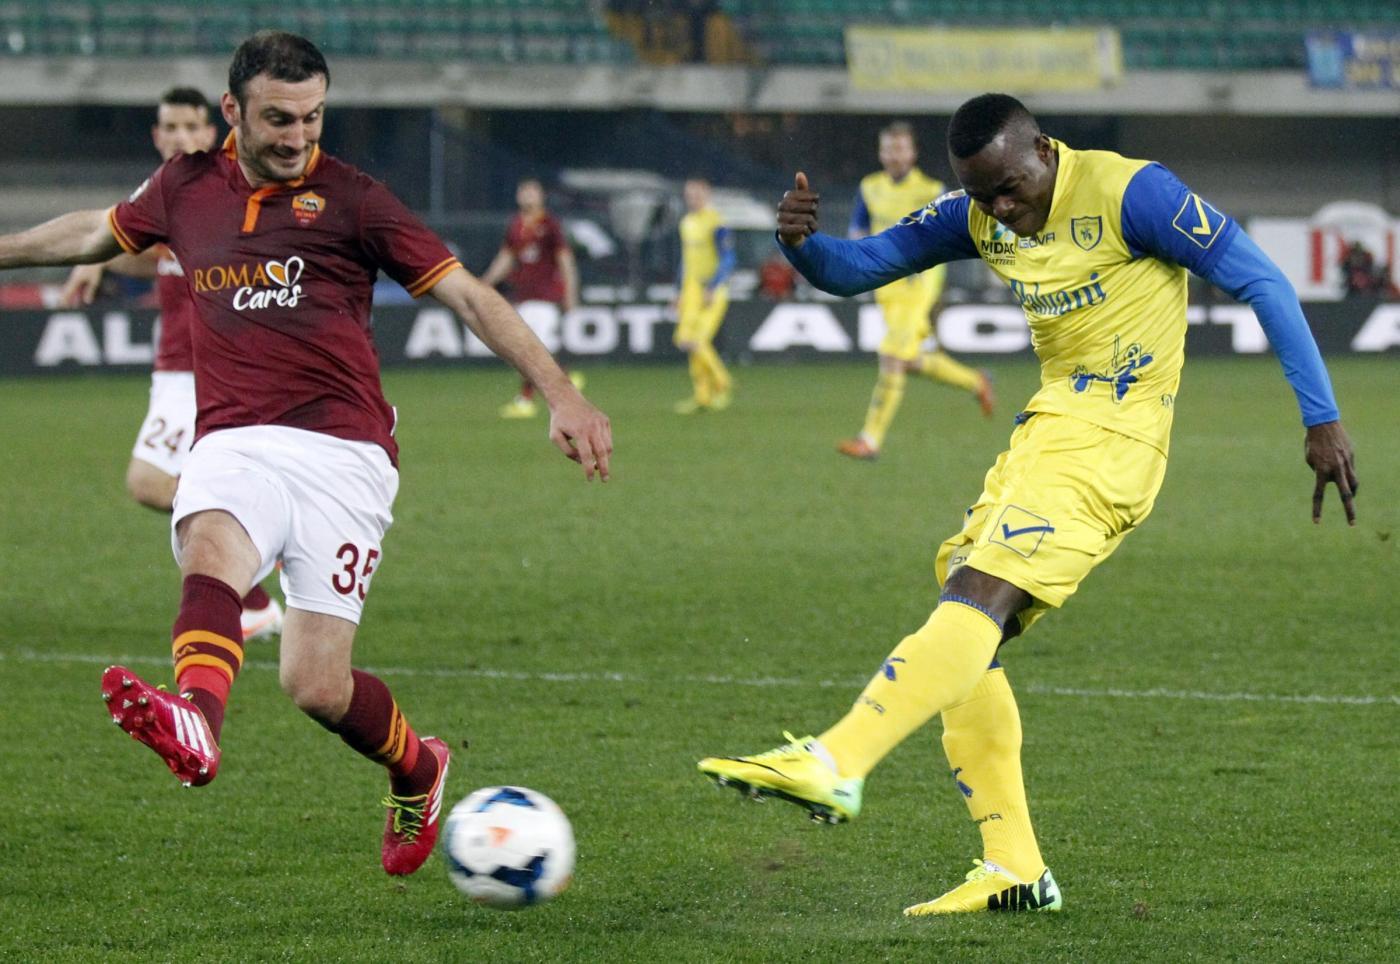 Roma vs Chievo 3-0: perentoria vittoria dei giallorossi